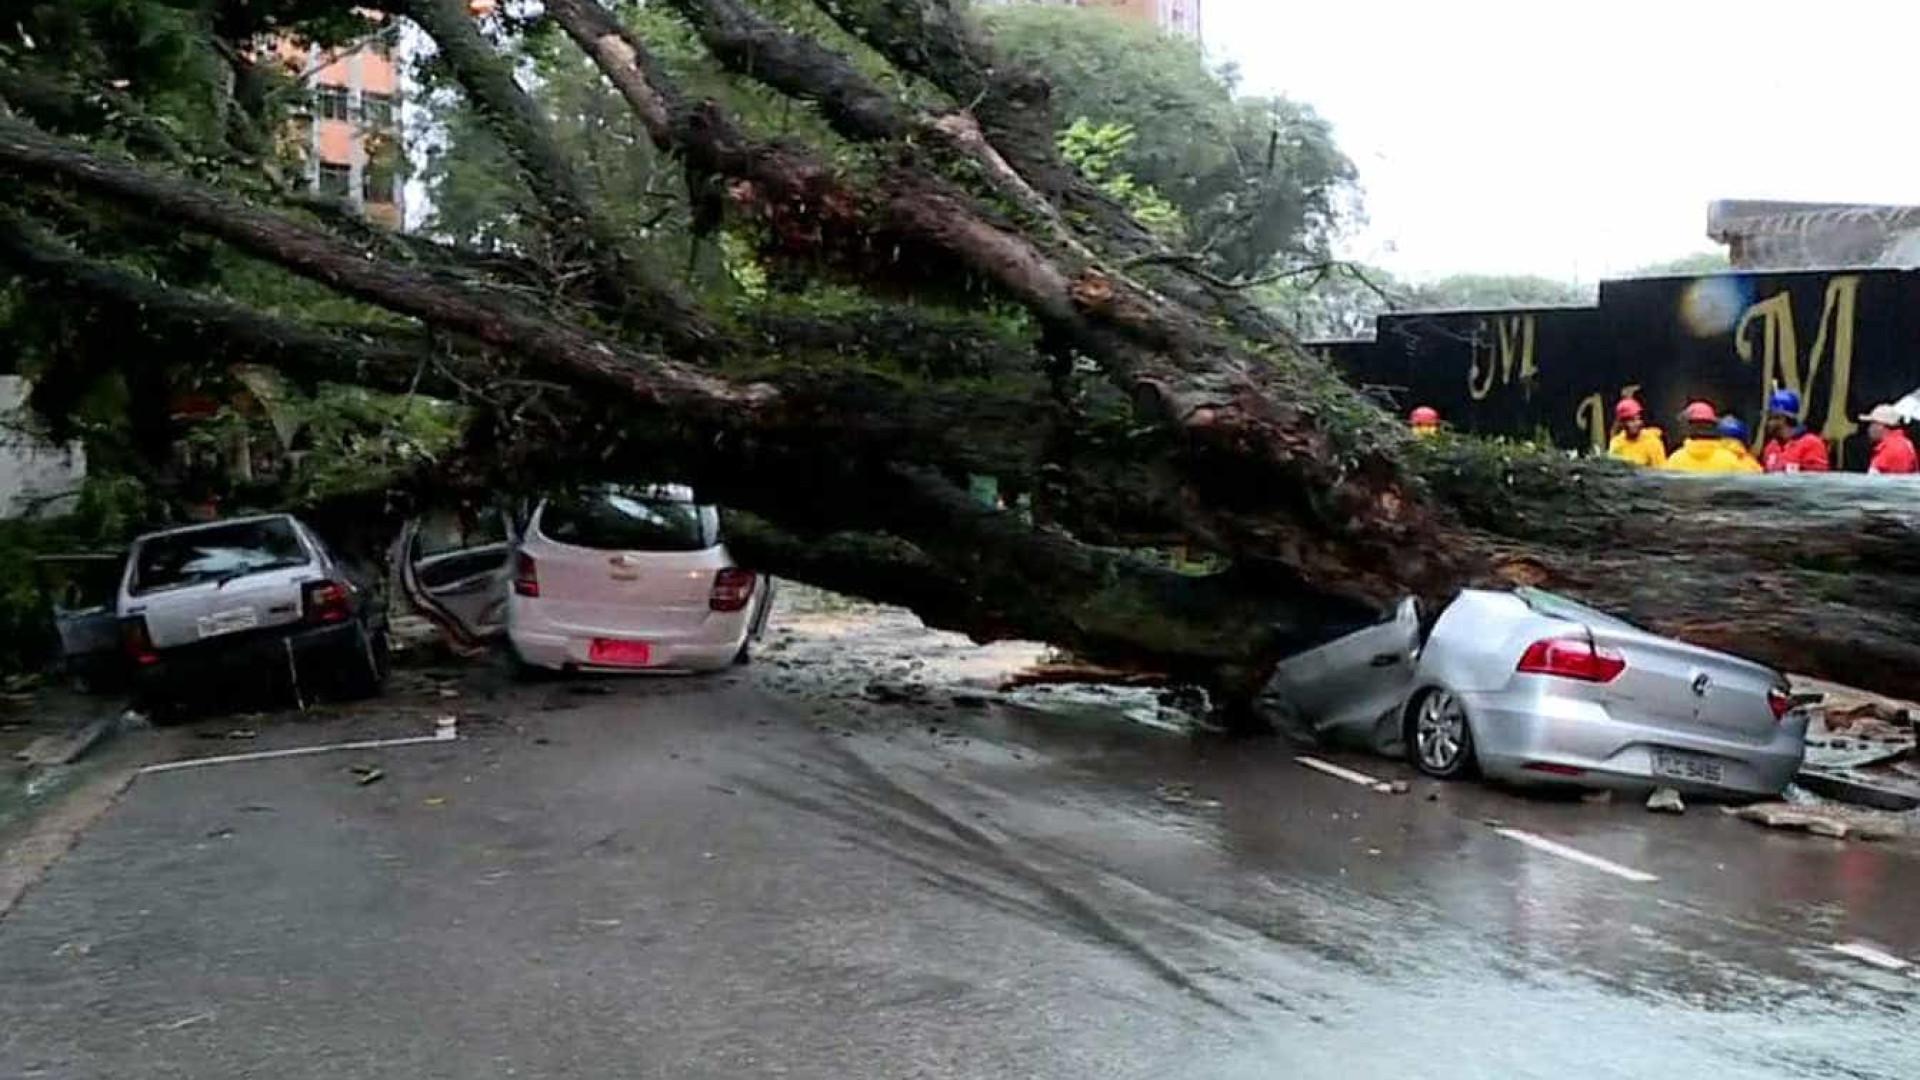 Queda de árvore esmaga carros na capital paulista